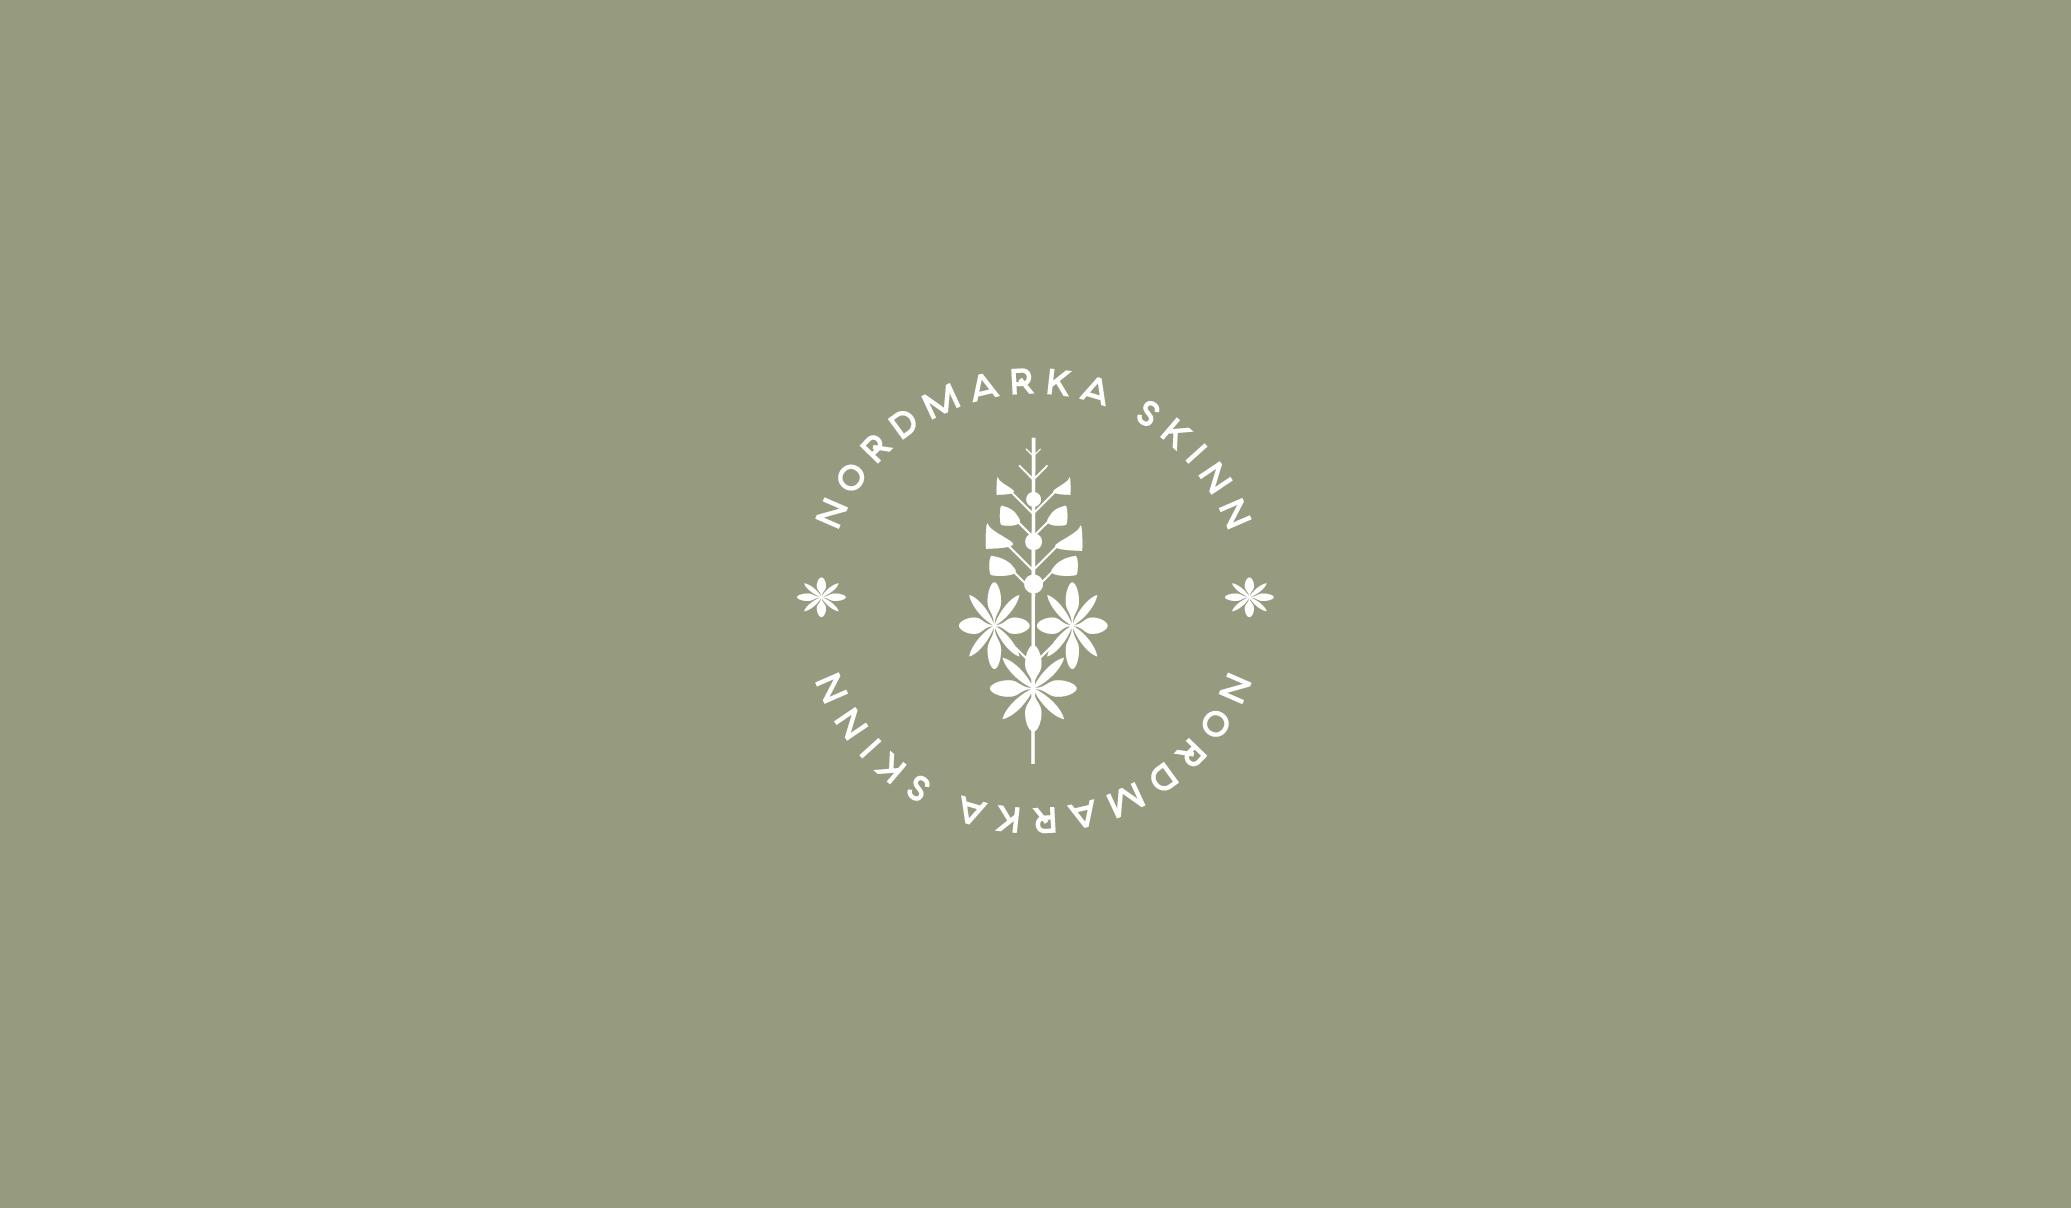 nordmarkaskinn-logo